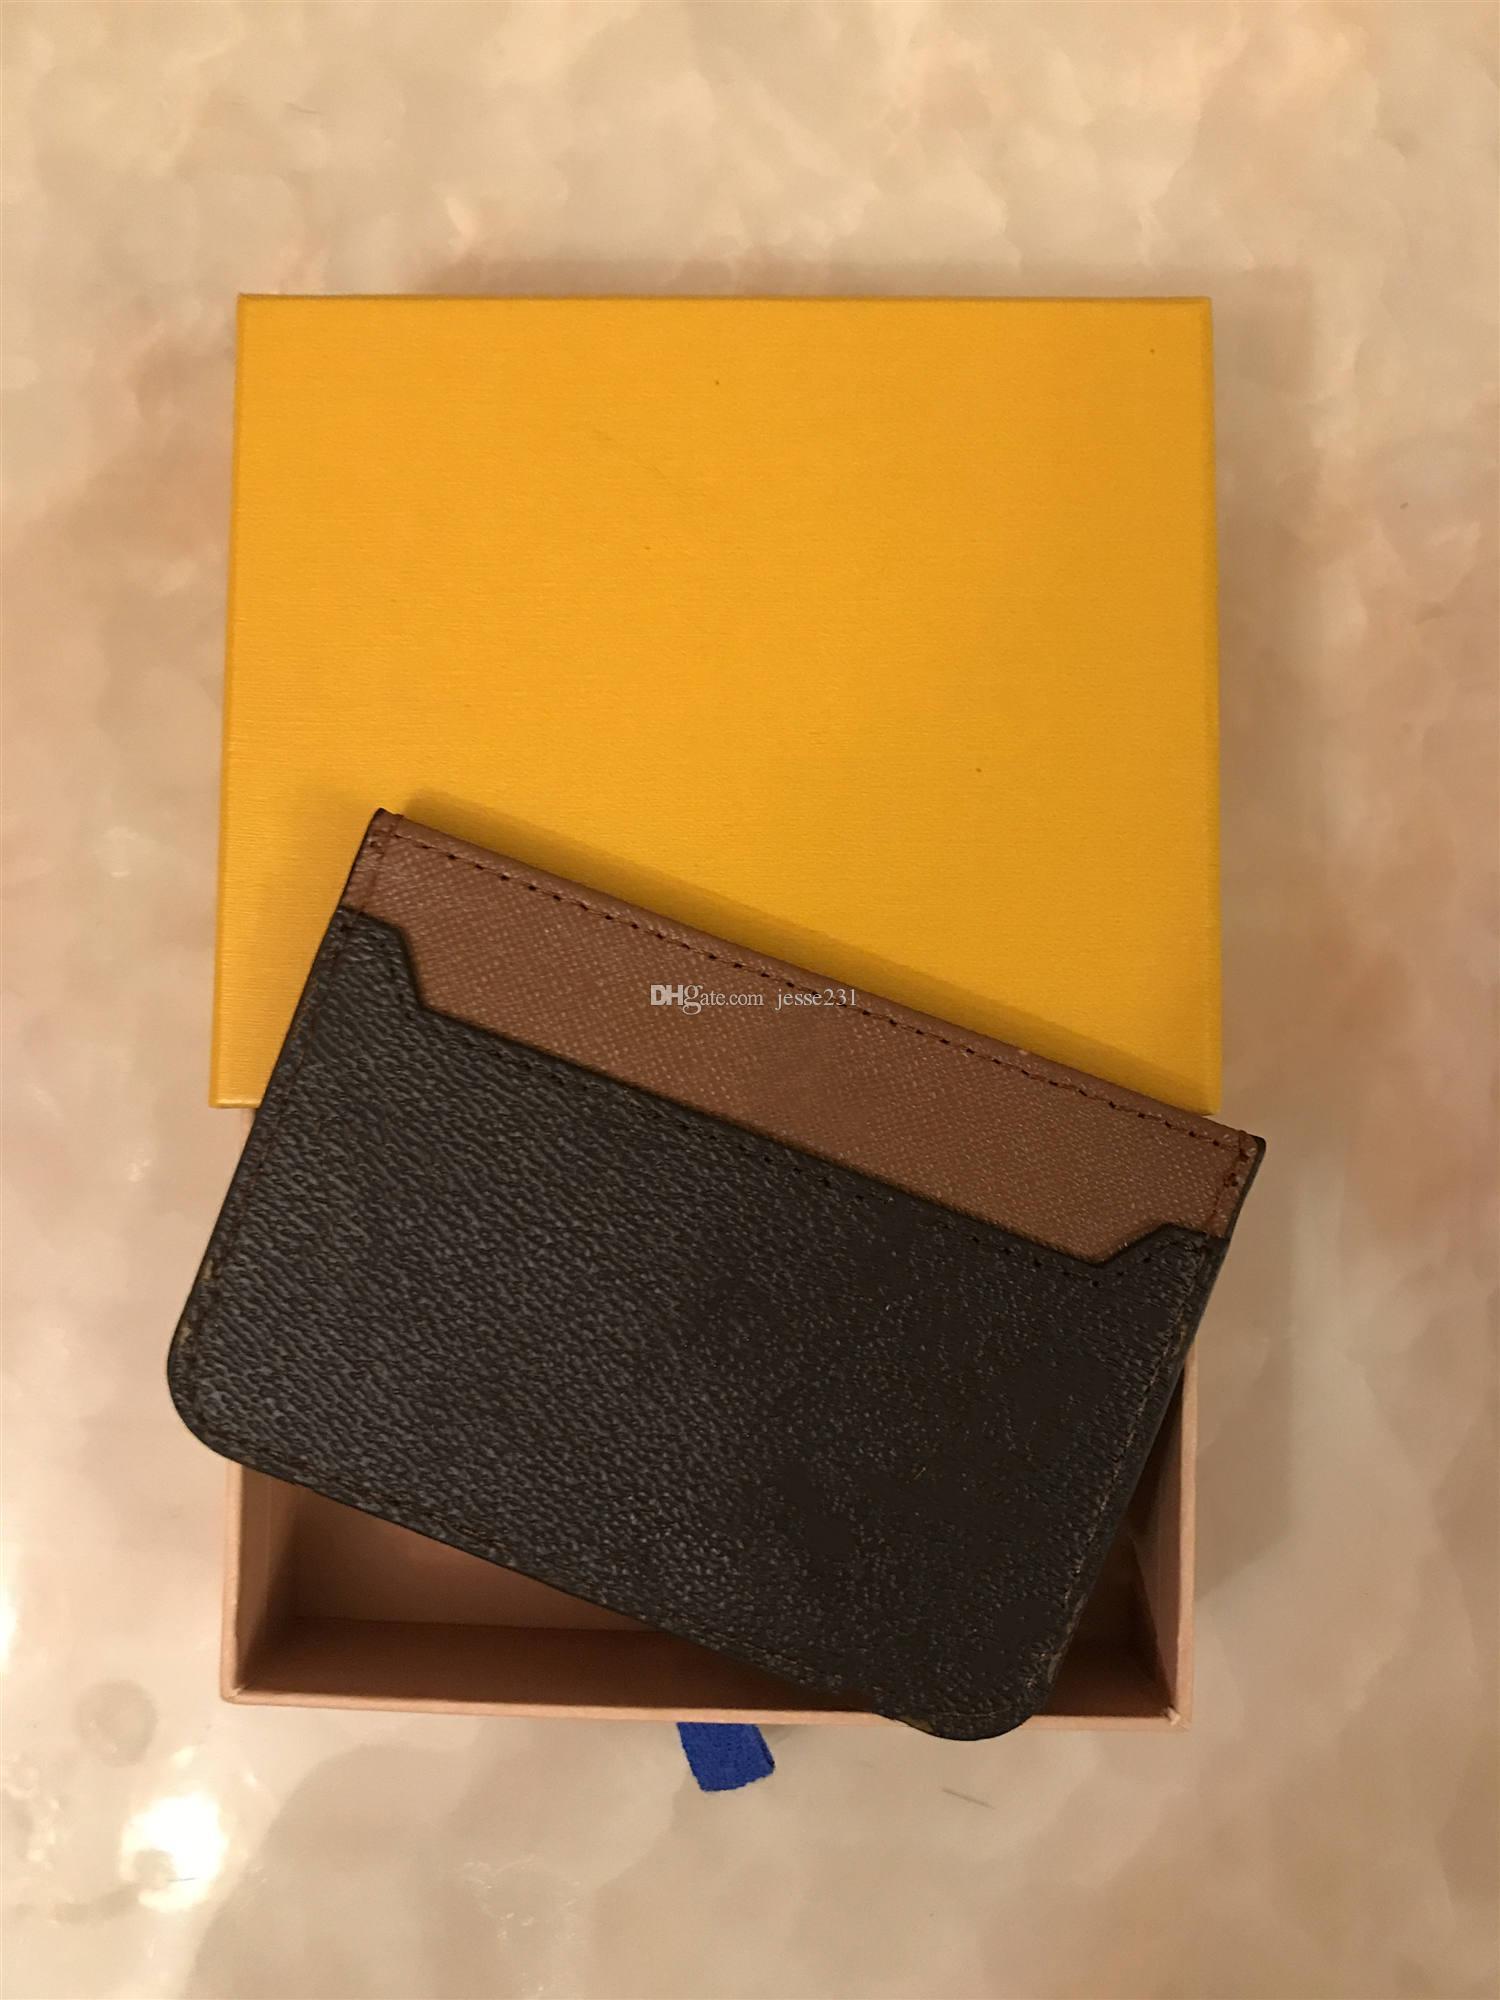 2020 새로운 남성 여성 패션 클래식 브라운 블랙 격자 무늬 캐주얼 신용 카드 ID 용 가죽 케이스 울트라 슬림 지갑 패킷 가방